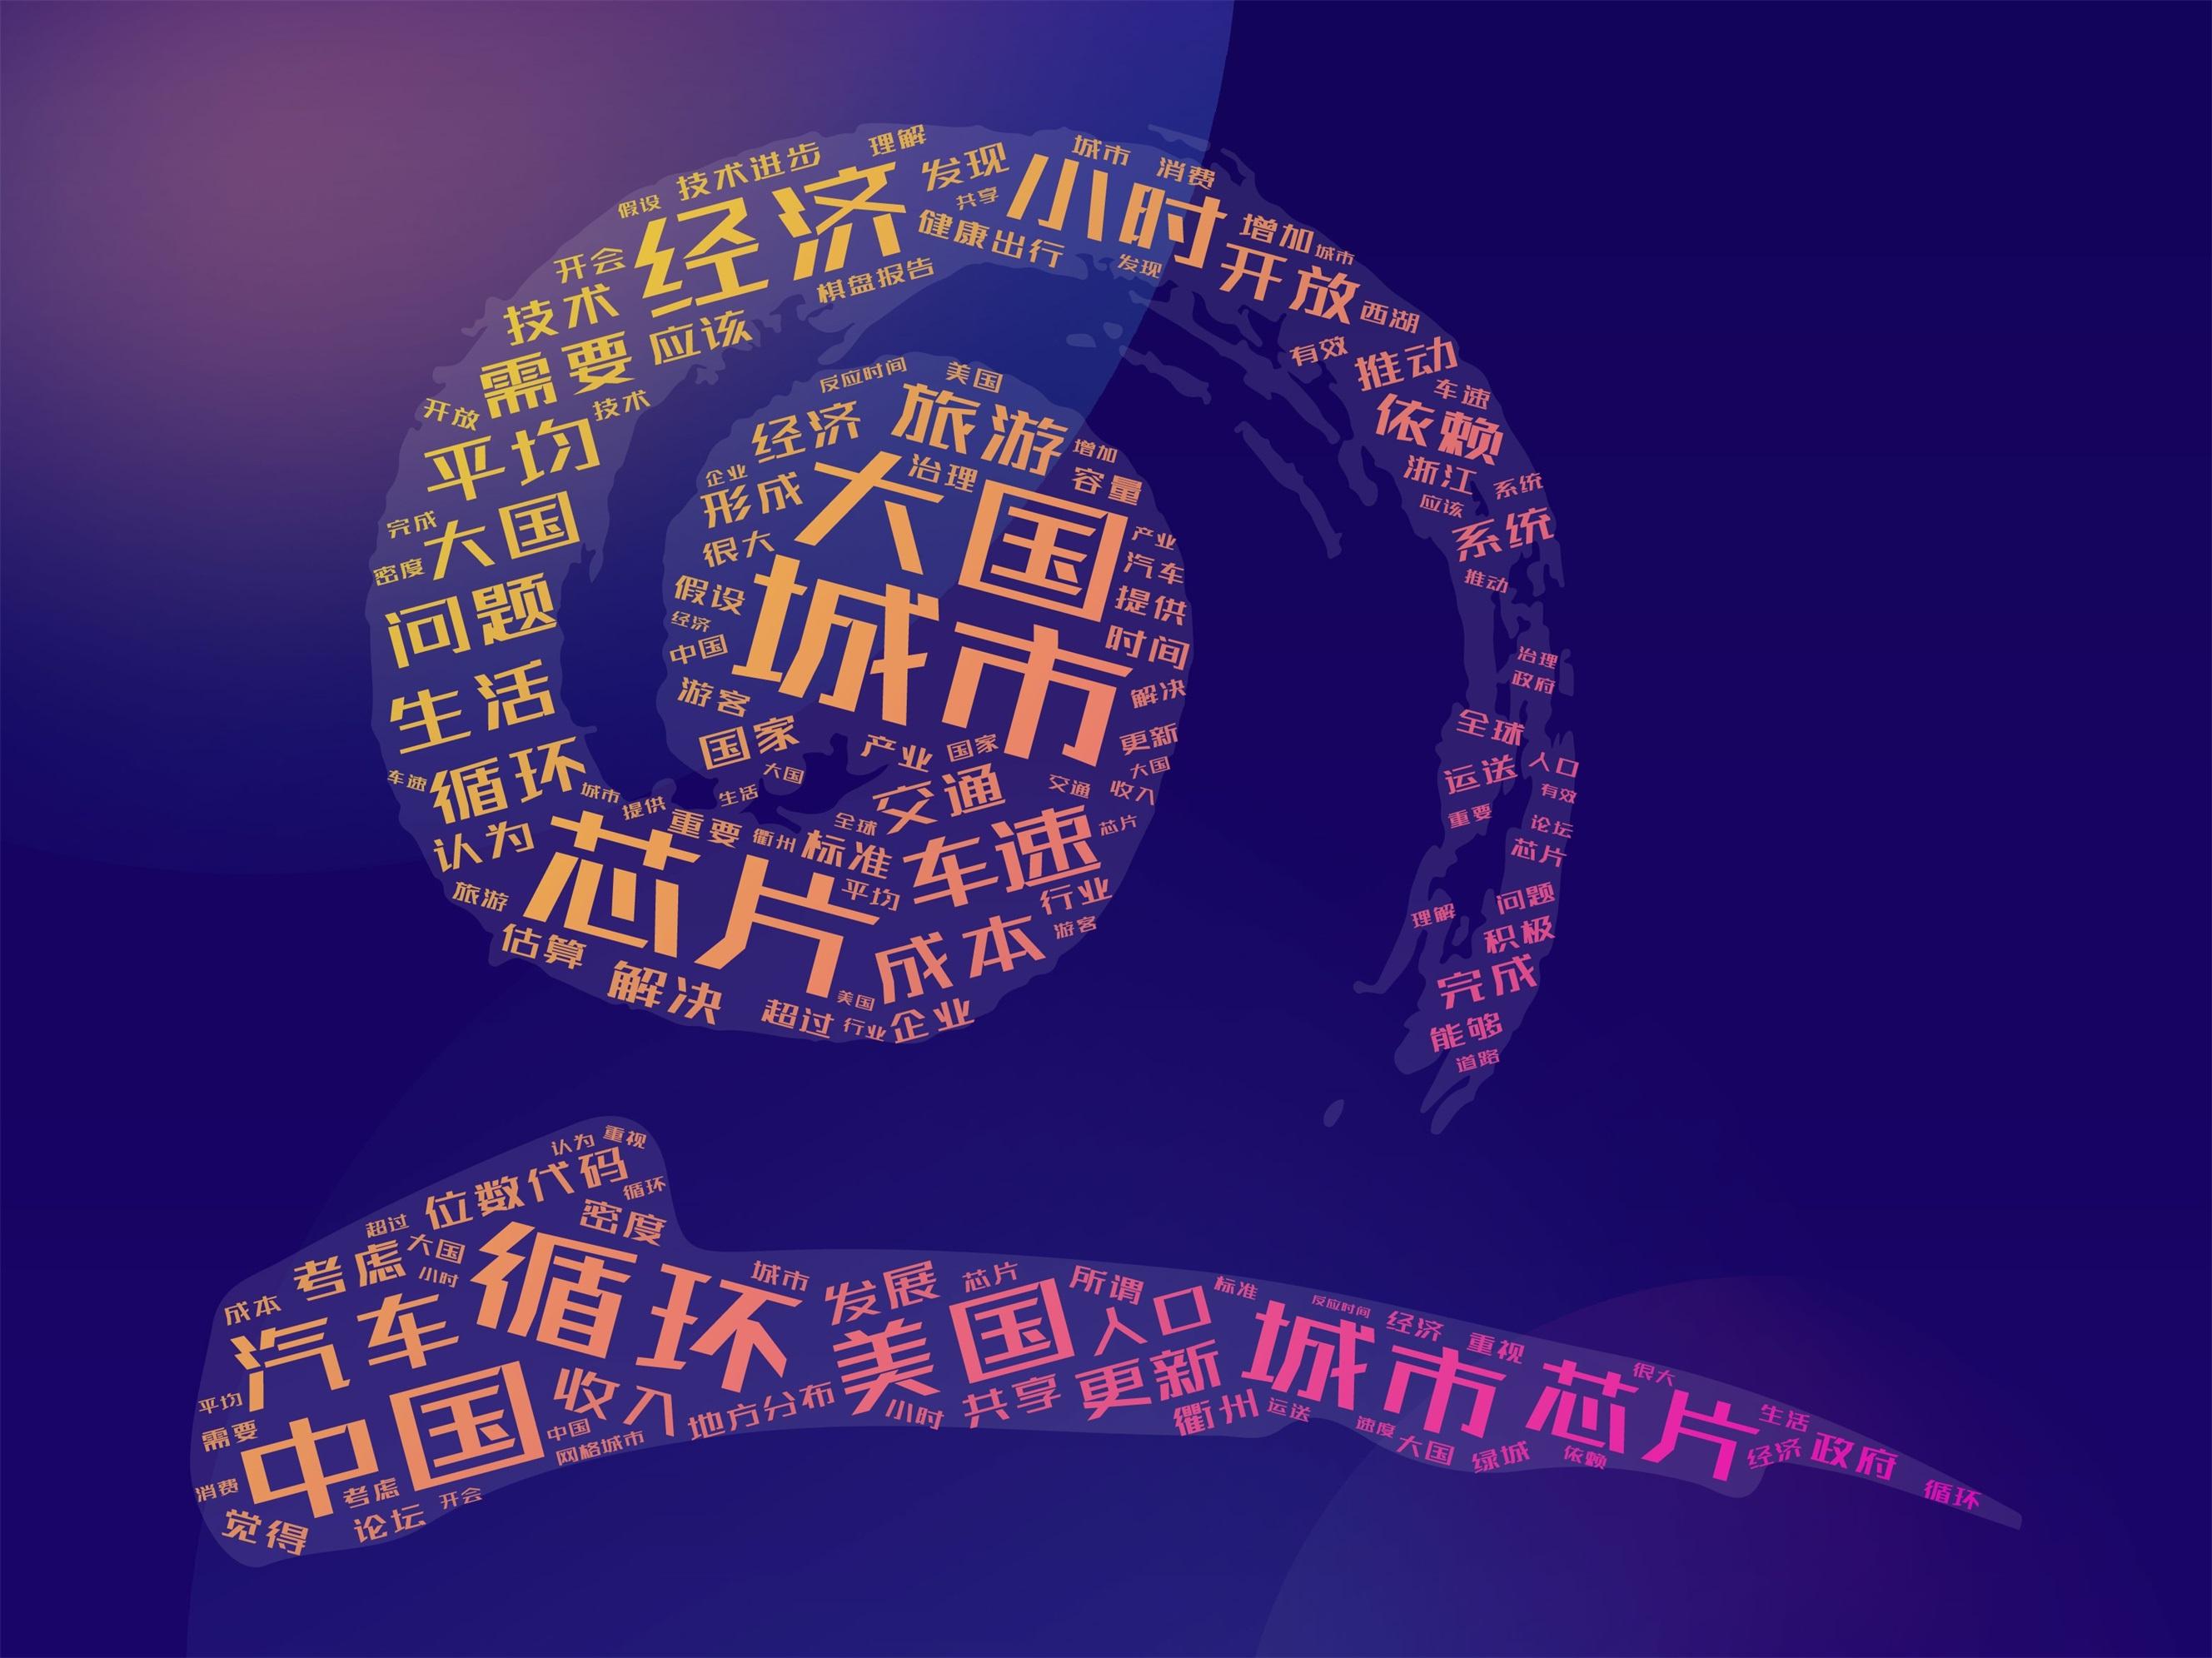 新華網思客年會——站在新起點,開啟新篇章